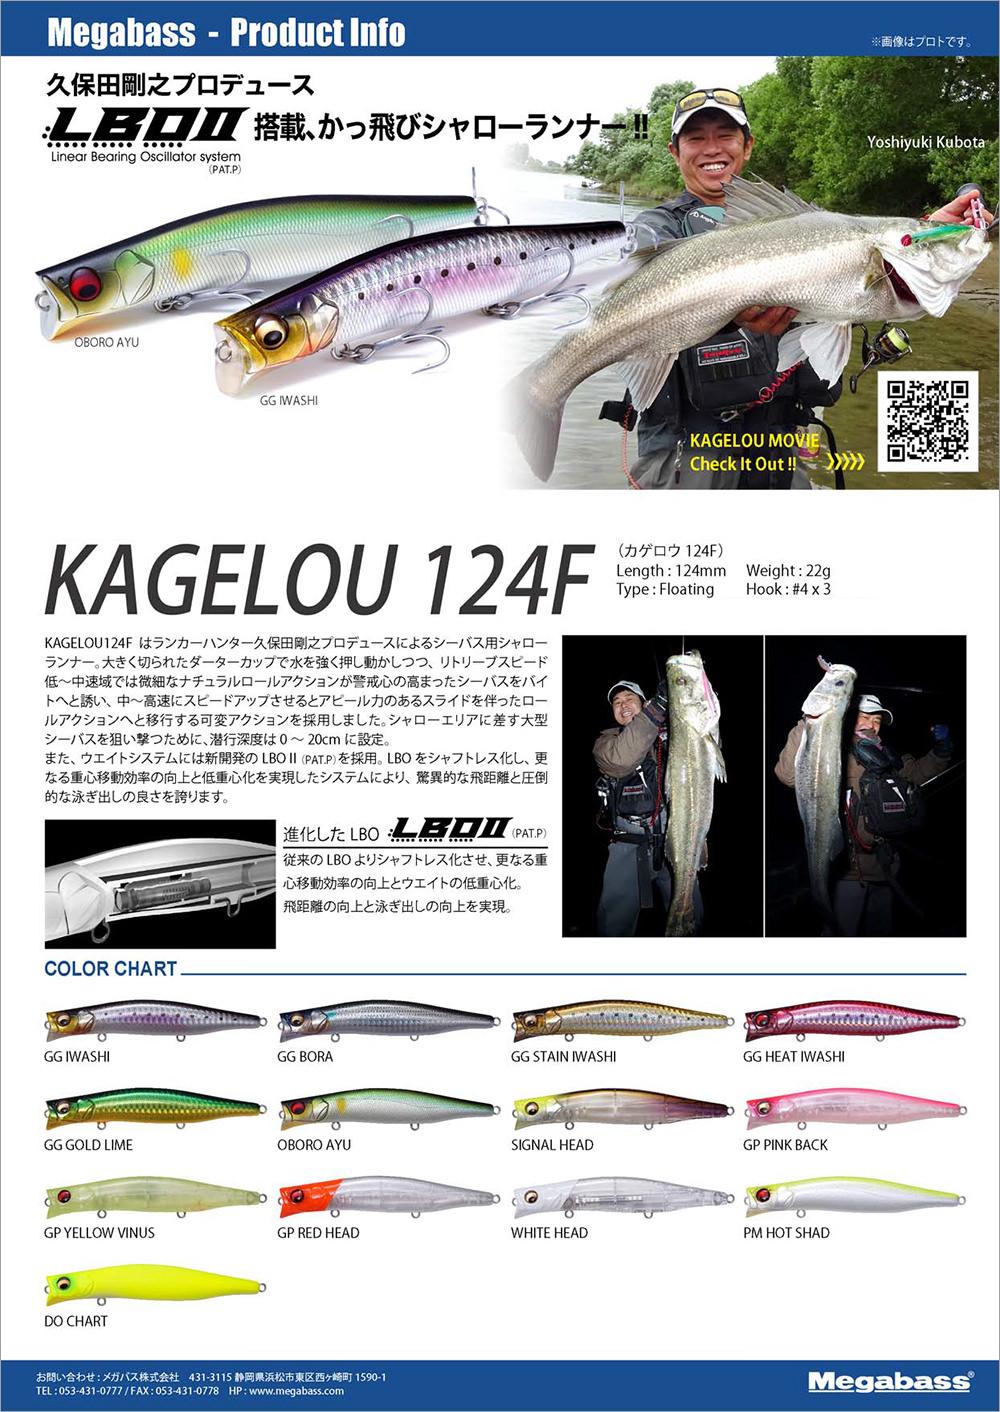 KAGELOU_124F